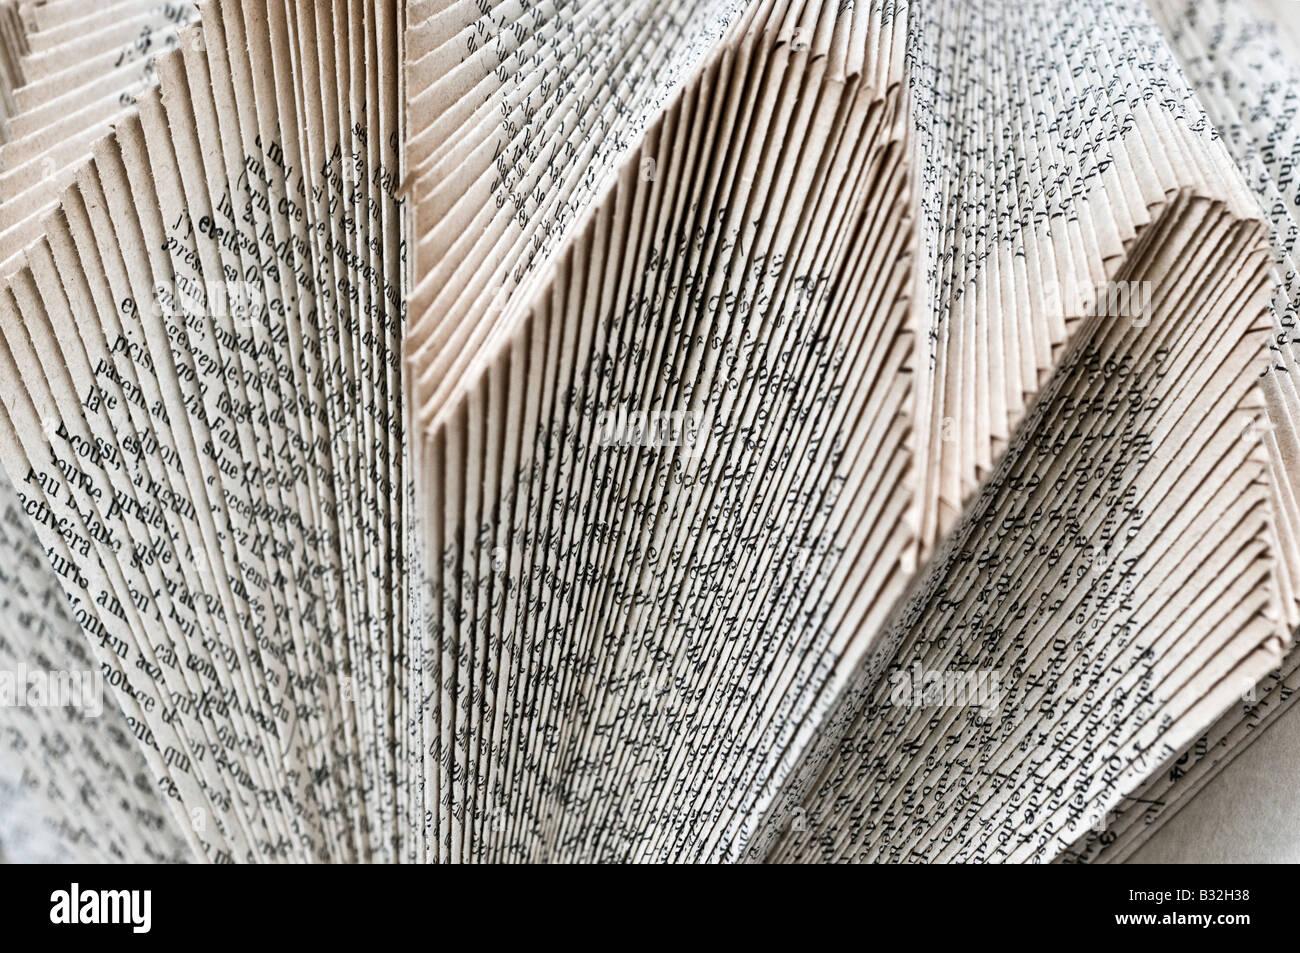 Pop-up-Buch Seite Skulptur Kunst - Dekoration gefaltet / nicht lesen. Stockbild